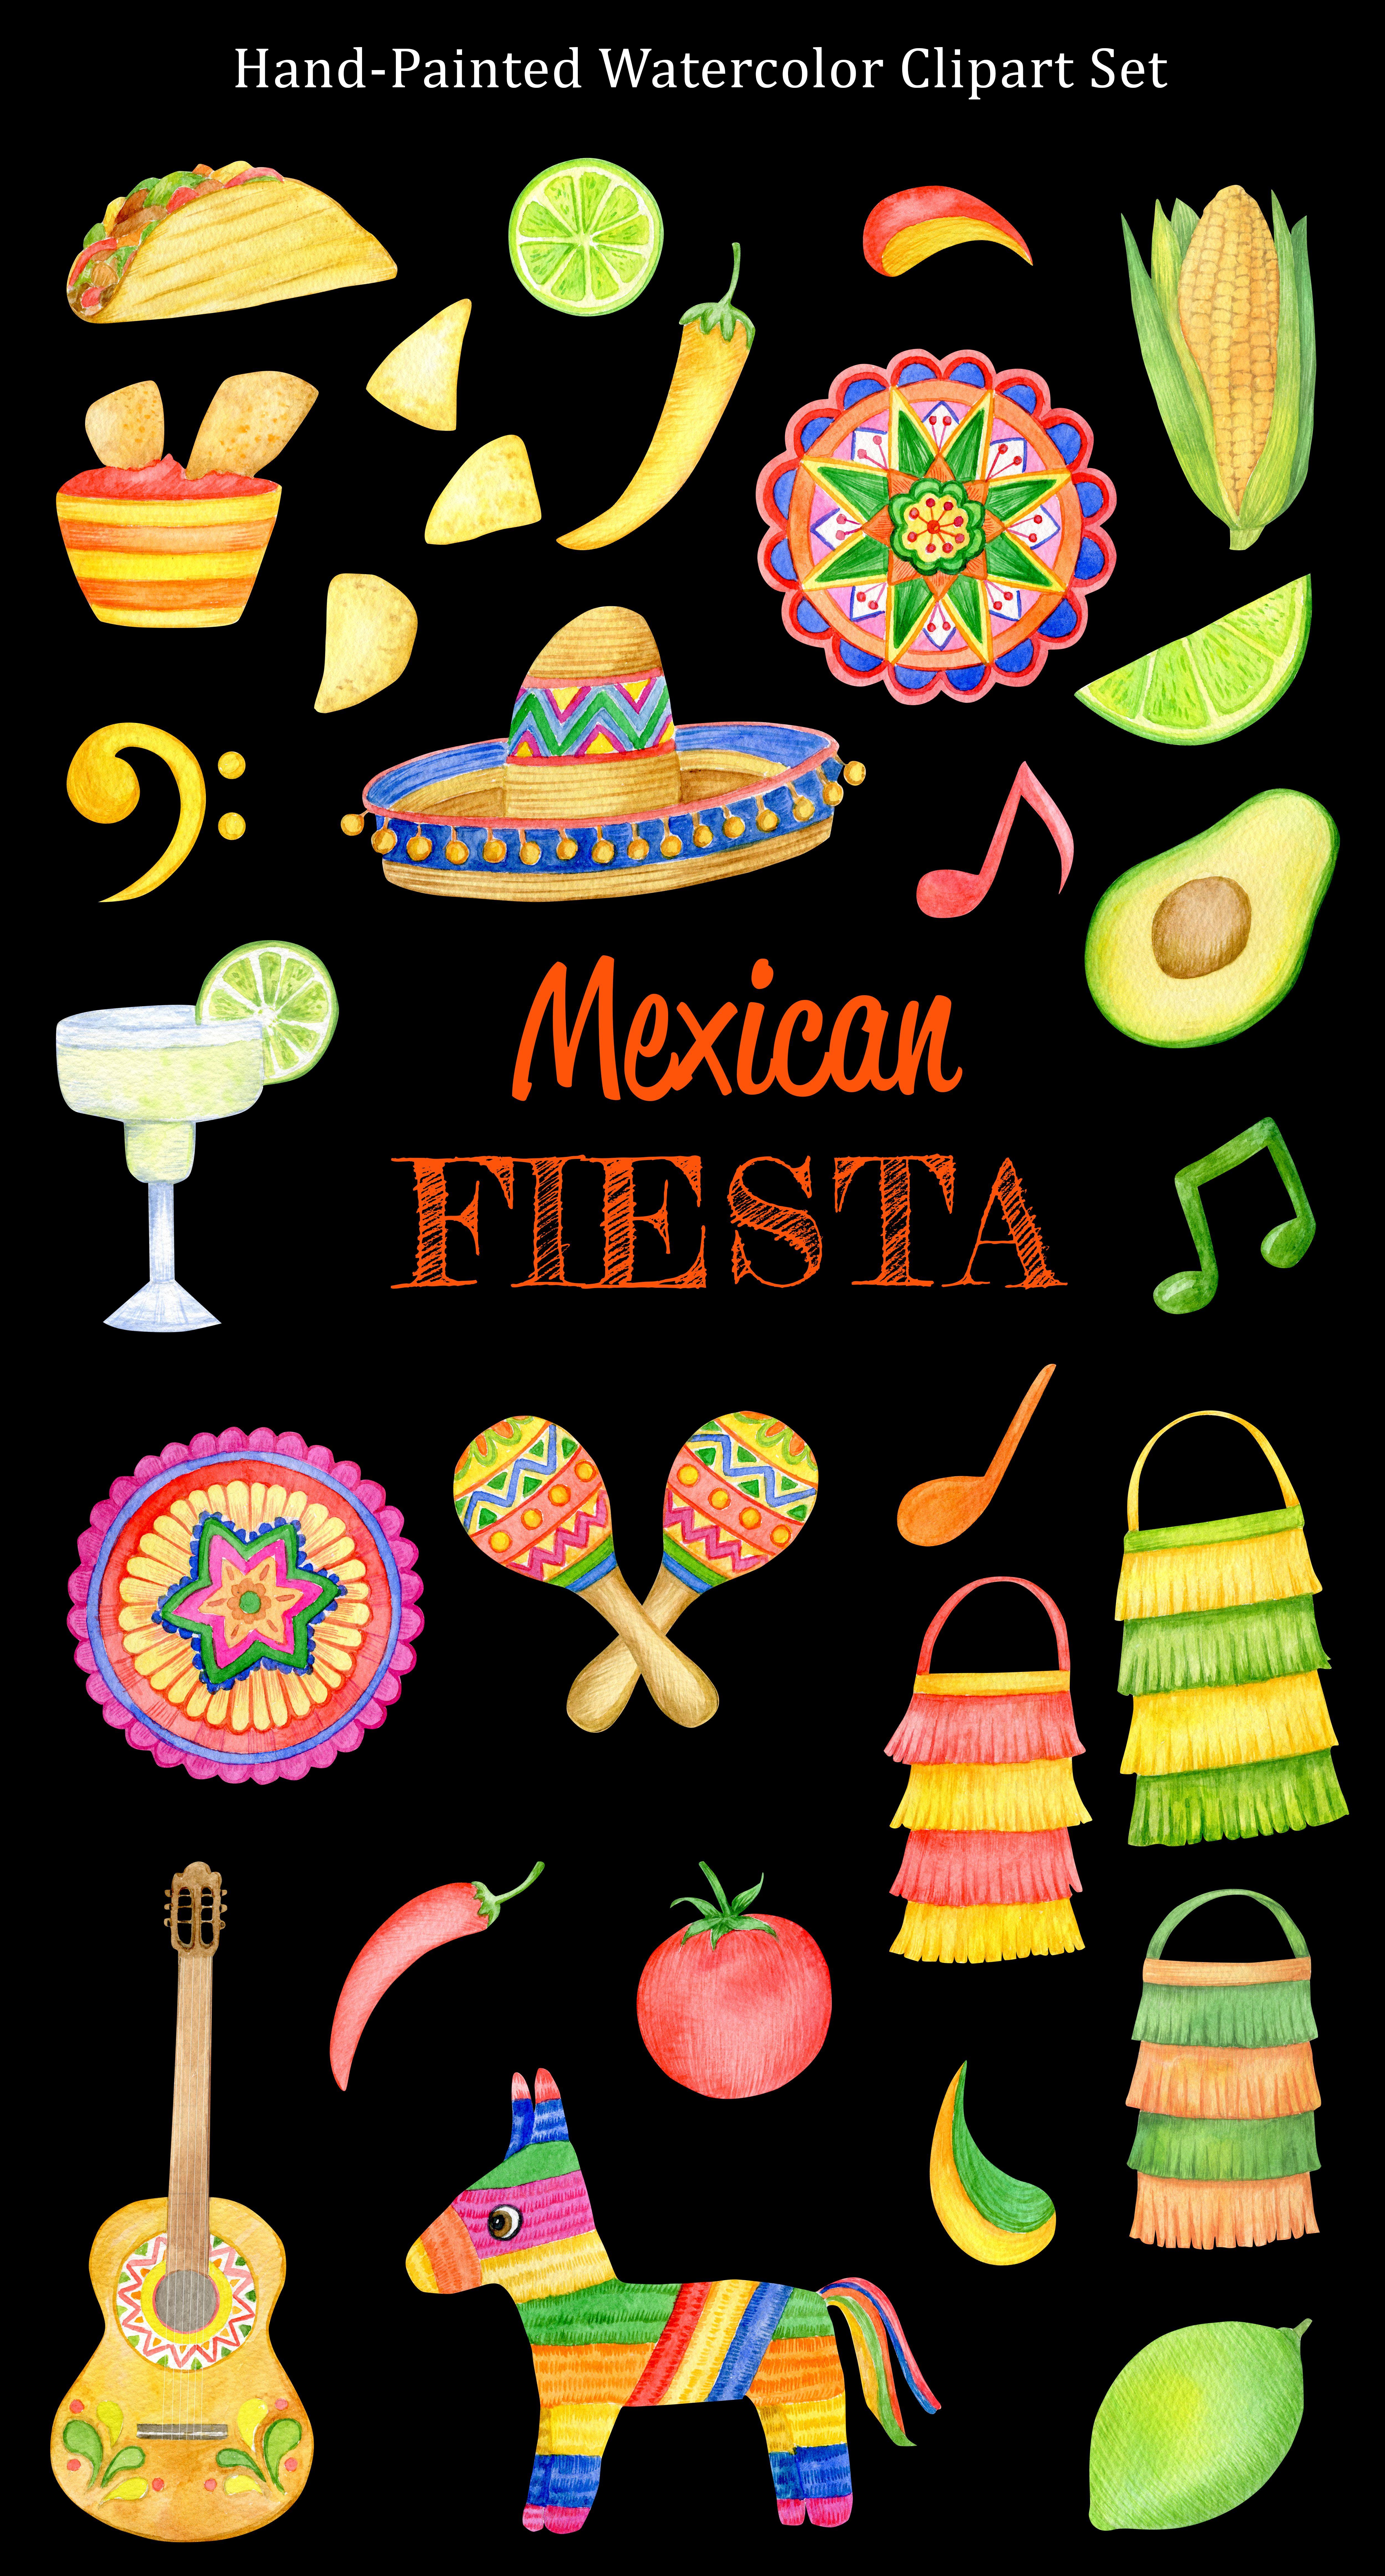 Watercolor Mexican Fiesta Clipart Set Cinco De Mayo Summer Etsy In 2021 Clip Art Mexican Crafts Mexican Fiesta